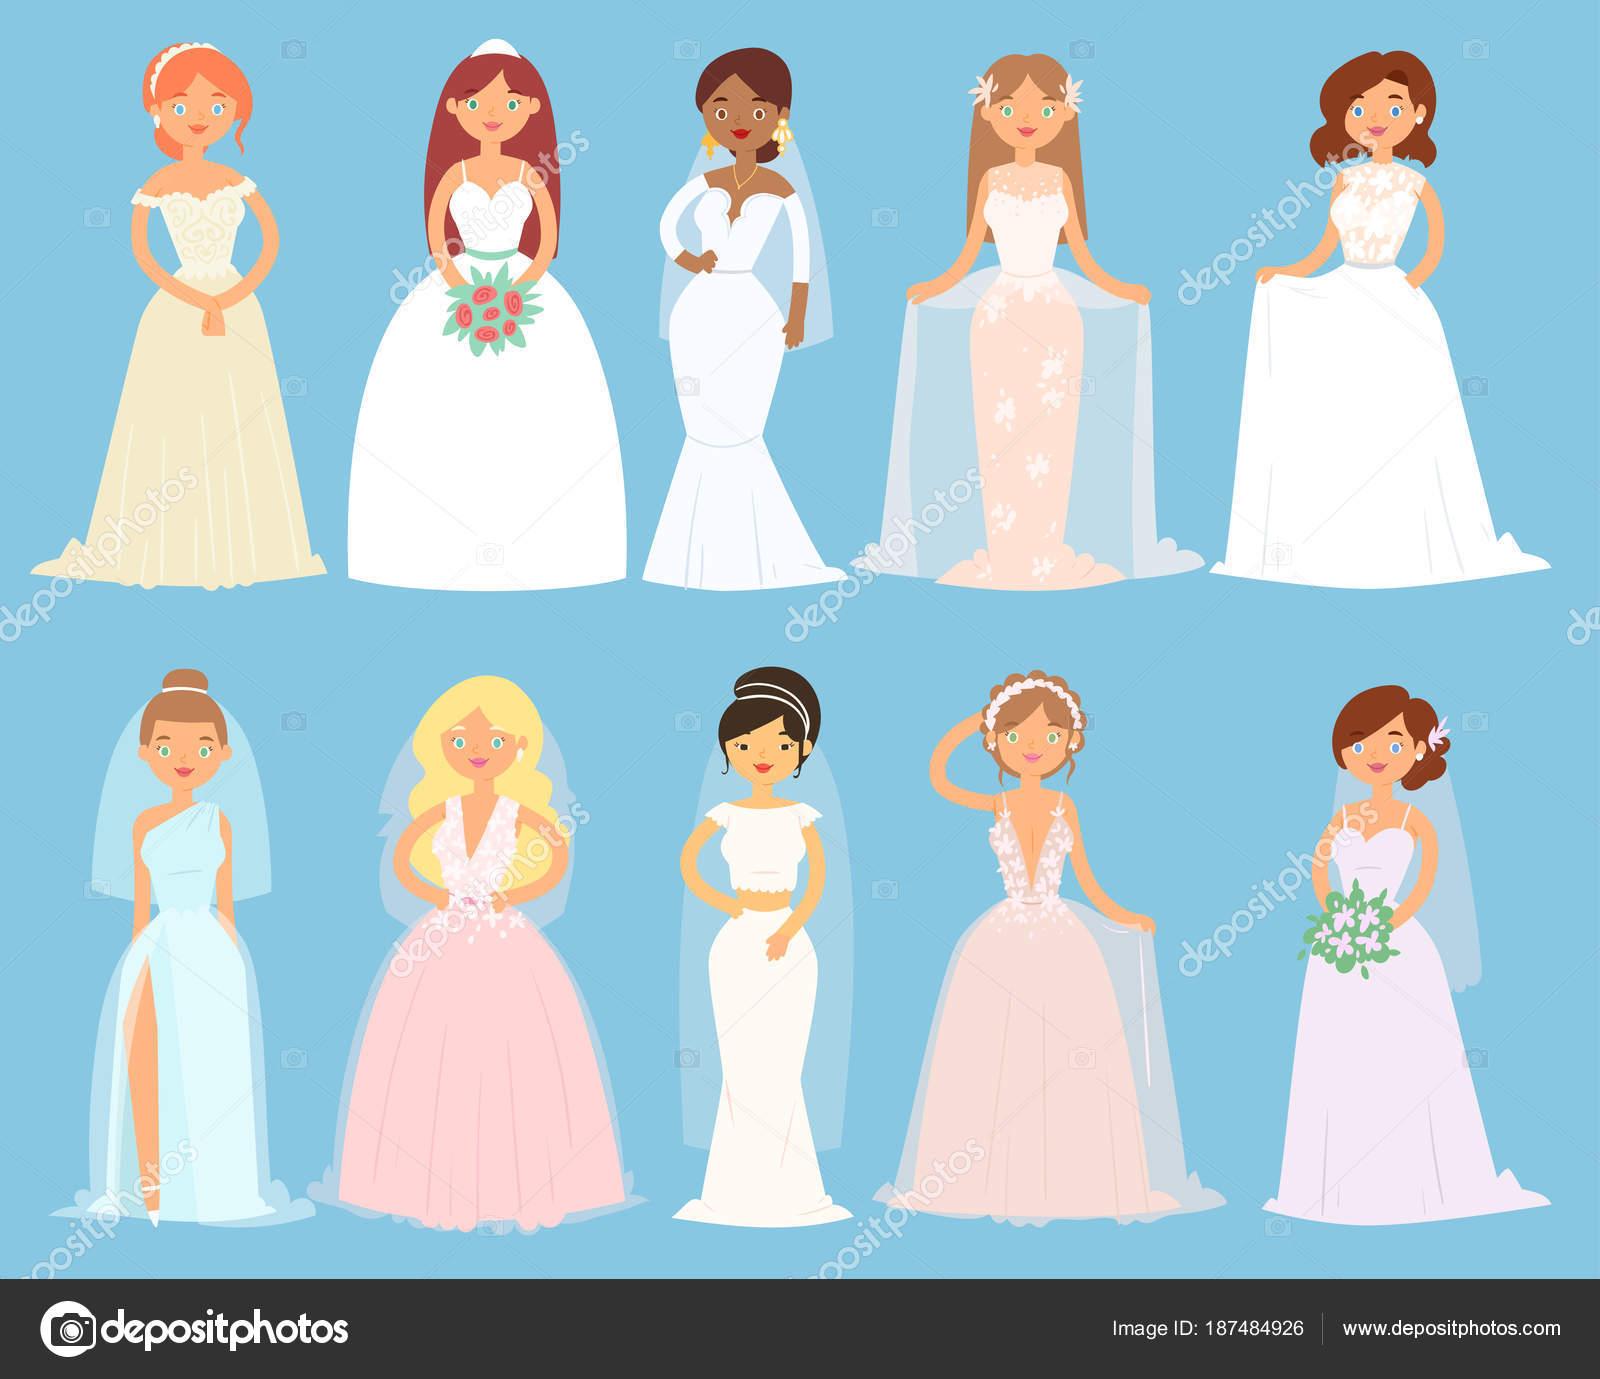 Unique Wedding Dress Shop Norwich Images - All Wedding Dresses ...